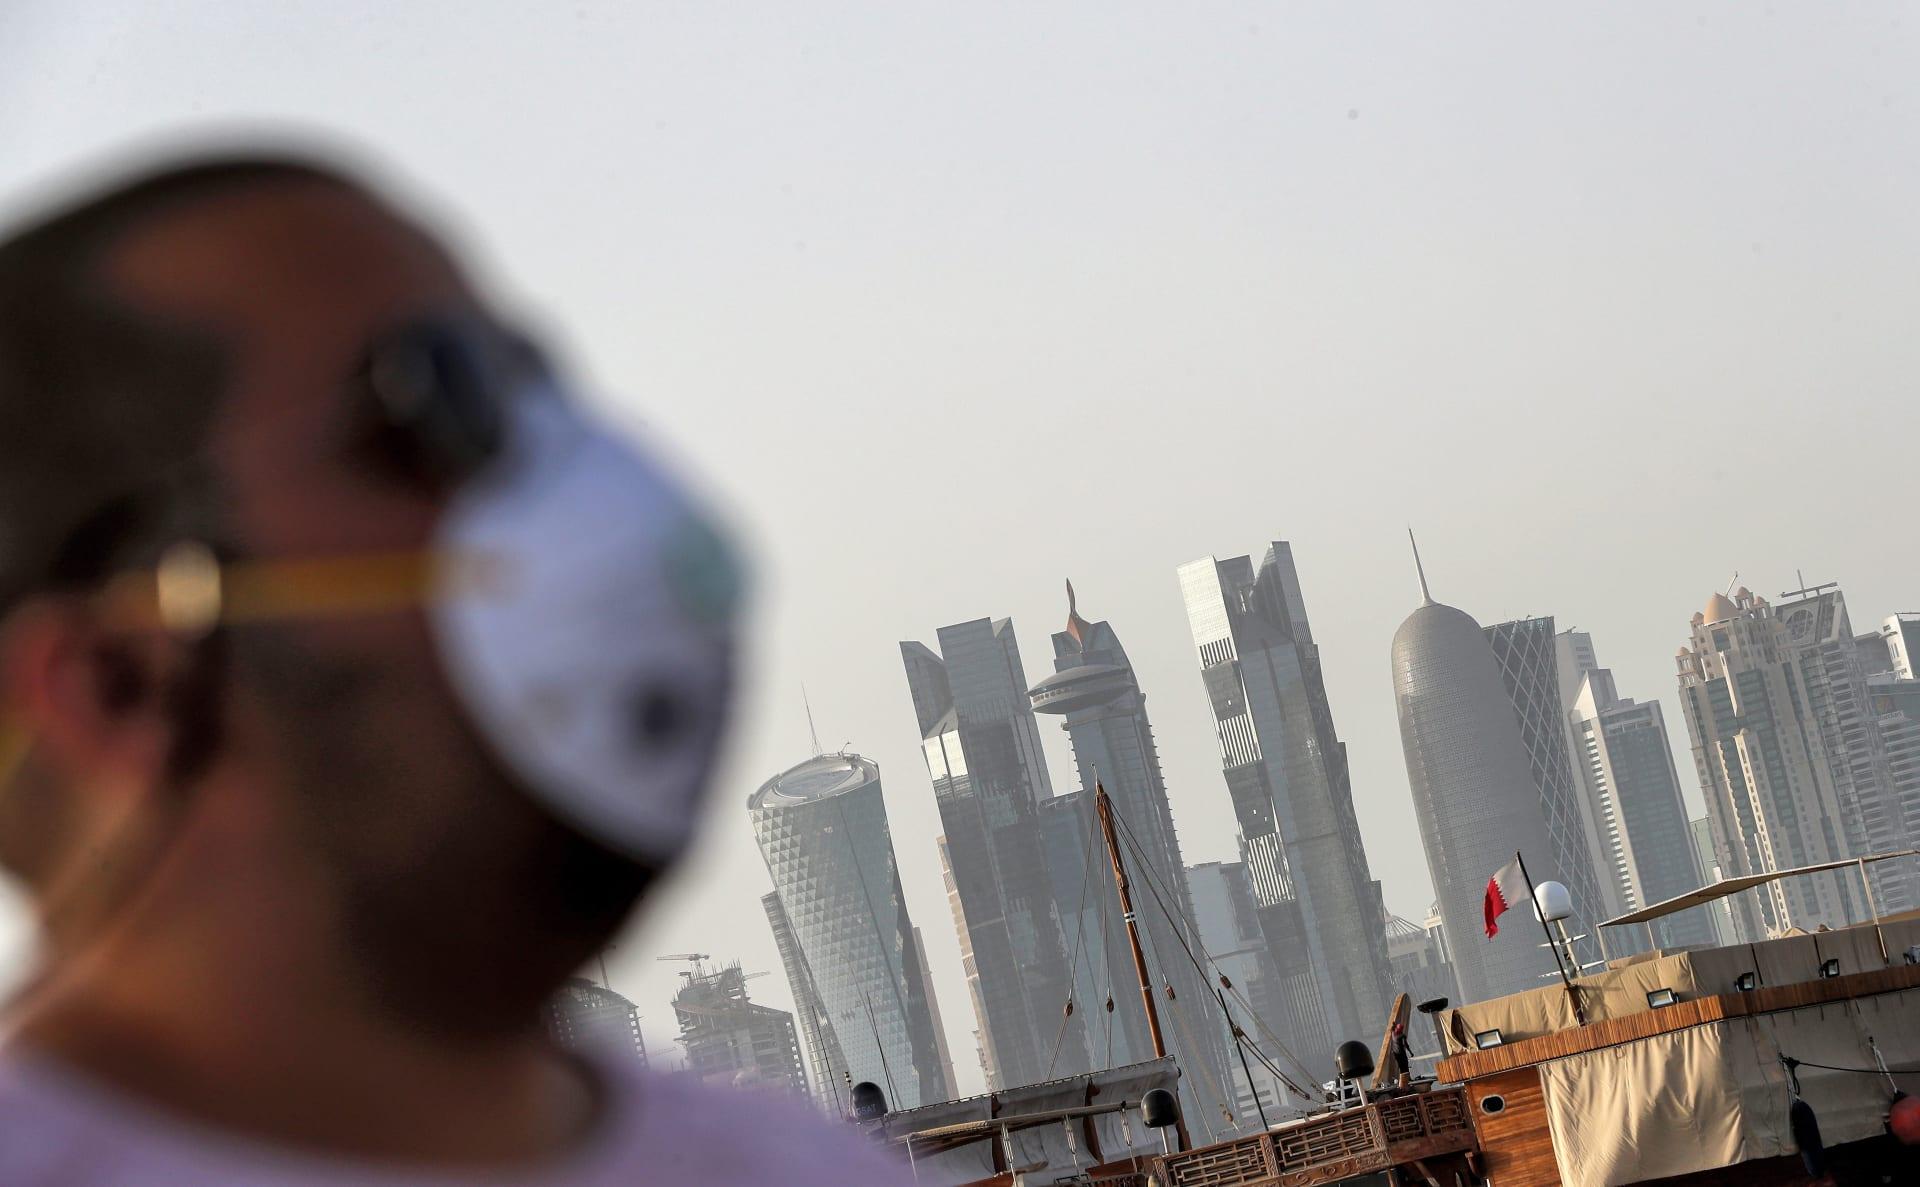 قطر.. رئيس الوزراء يعلن موعد وصول أول دفعة من لقاح فيروس كورونا